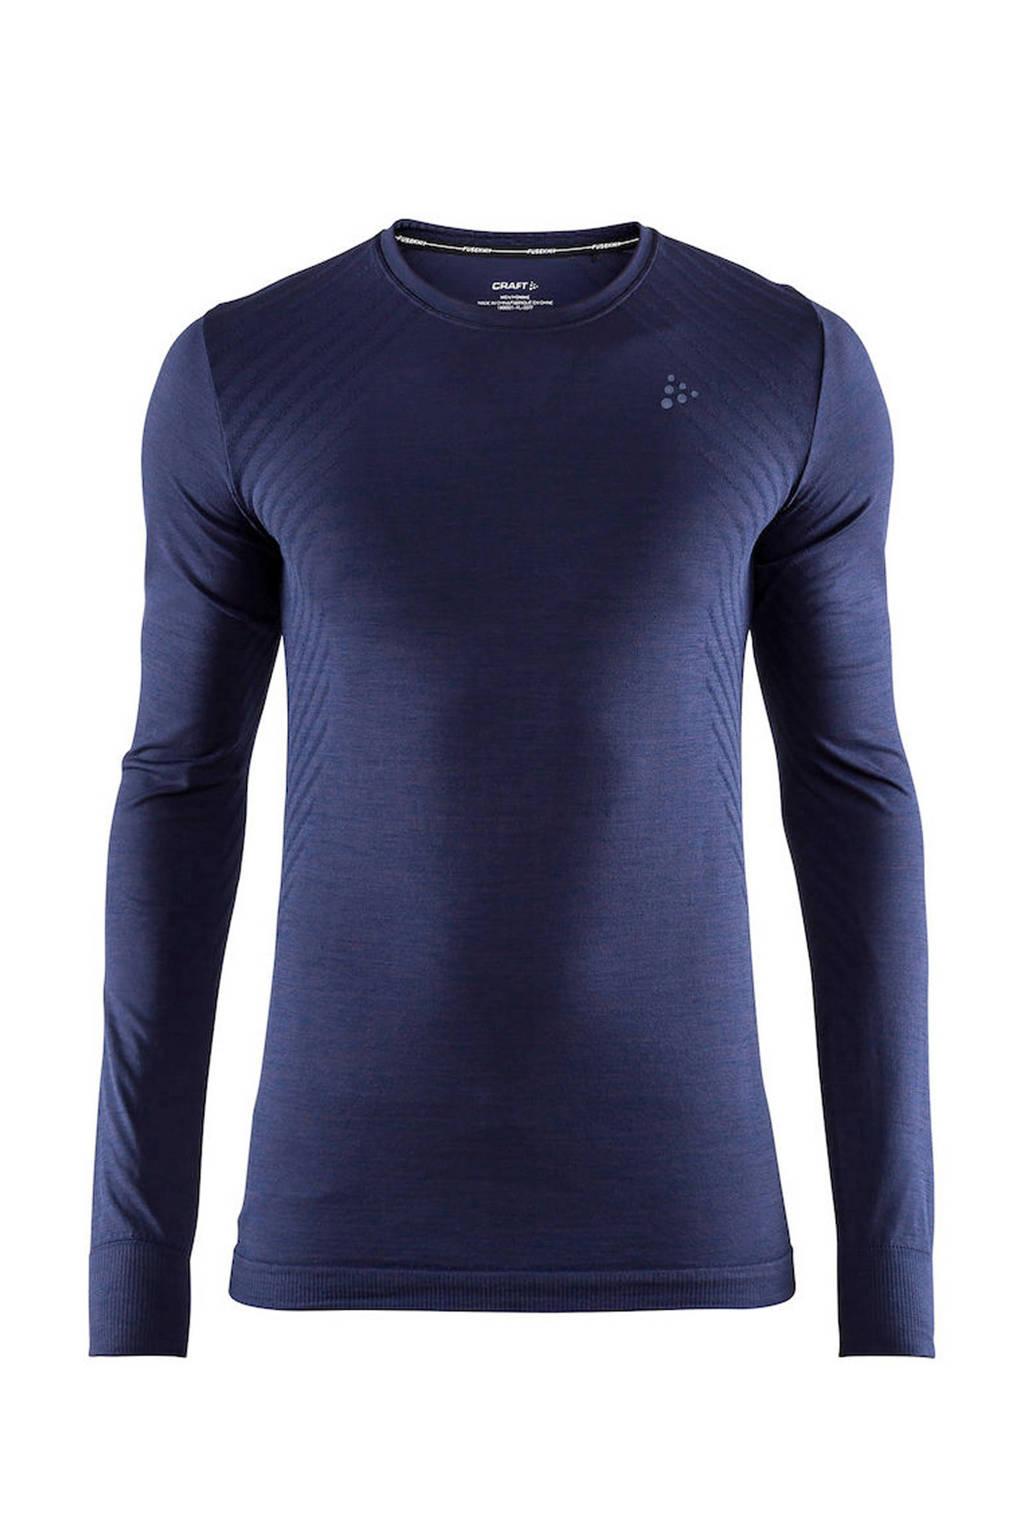 Craft thermoshirt donkerblauw, Donkerblauw